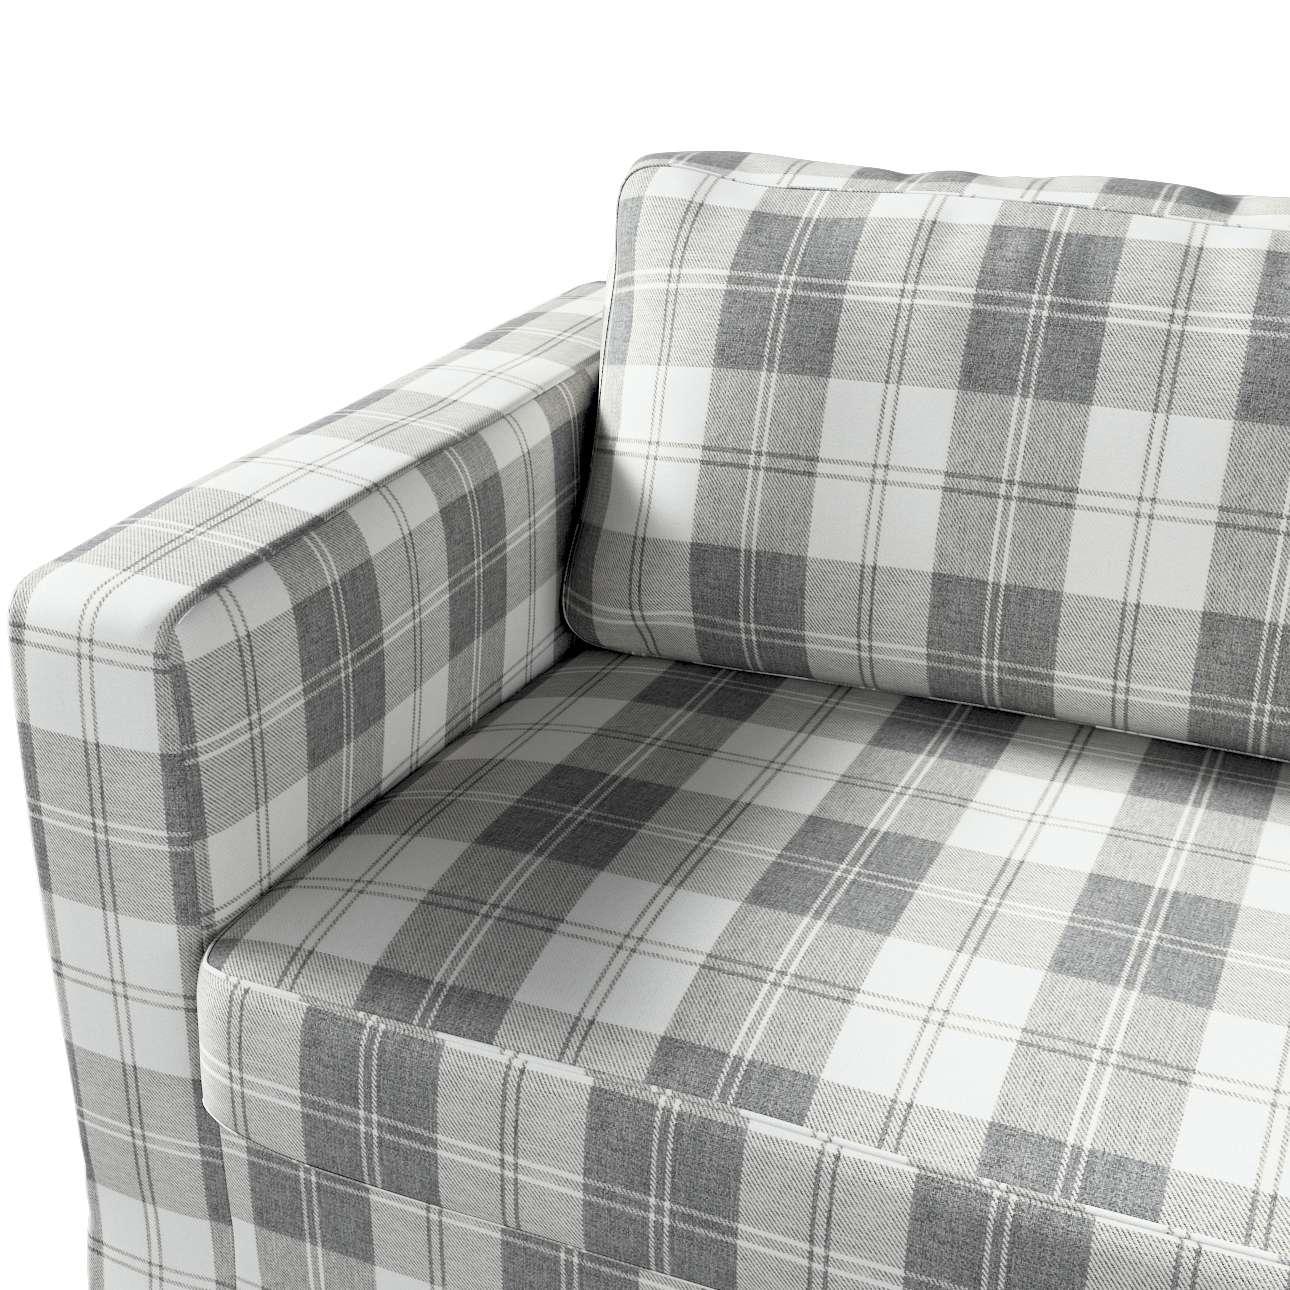 Hoes (lang) voor IKEA-Karlstad 3-zitsbank van de collectie Edinburgh, Stof: 115-79